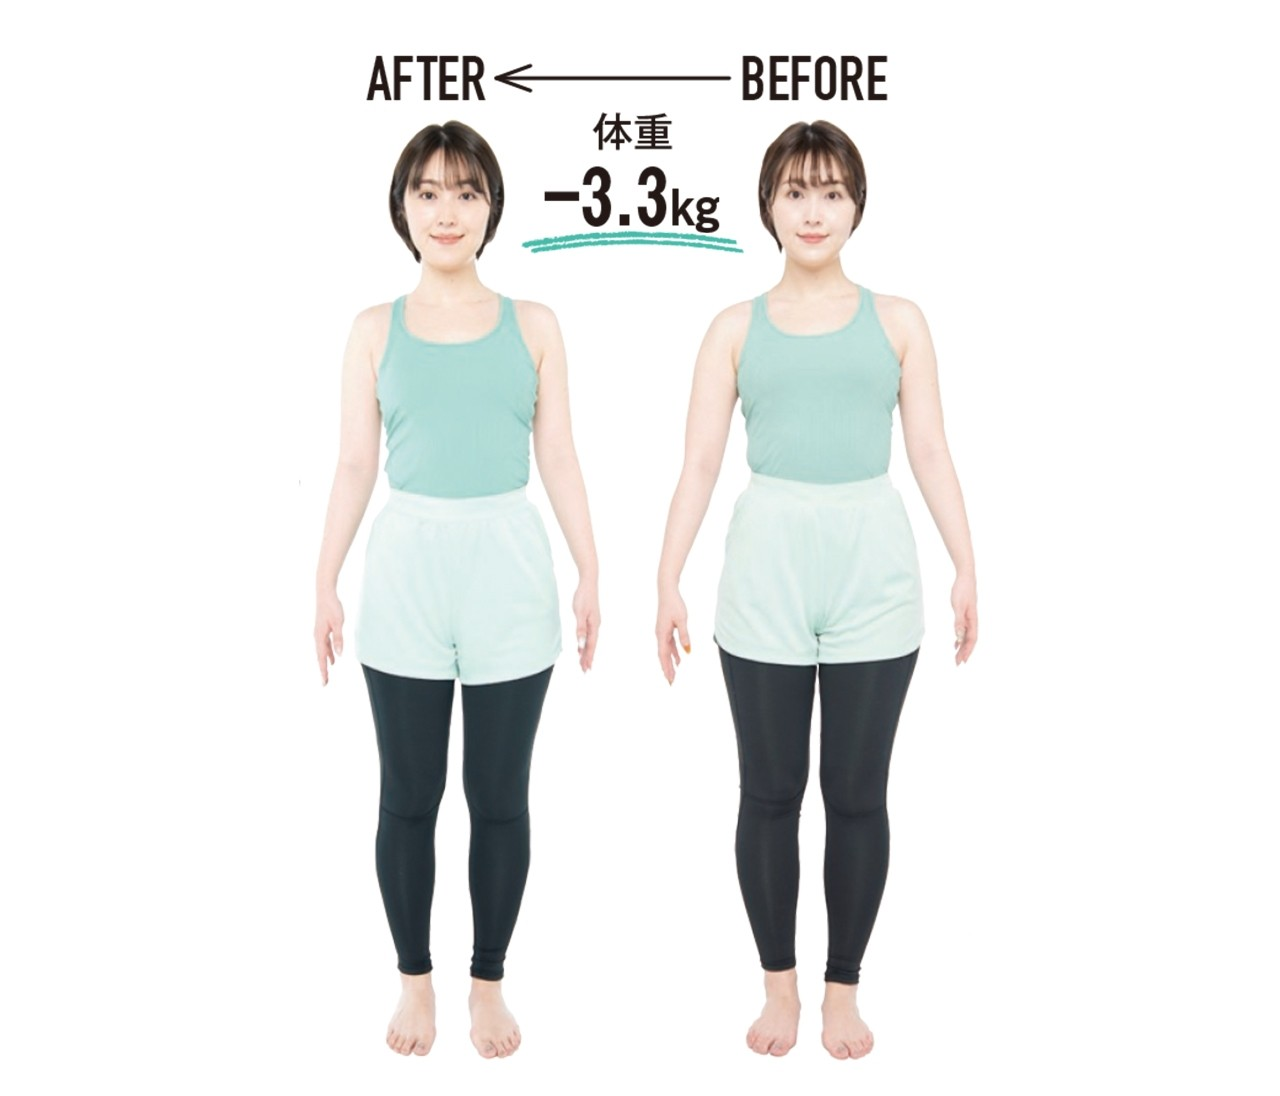 【月曜断食】体重マイナス3.3kg!実際に月曜断食を3週間トライ!